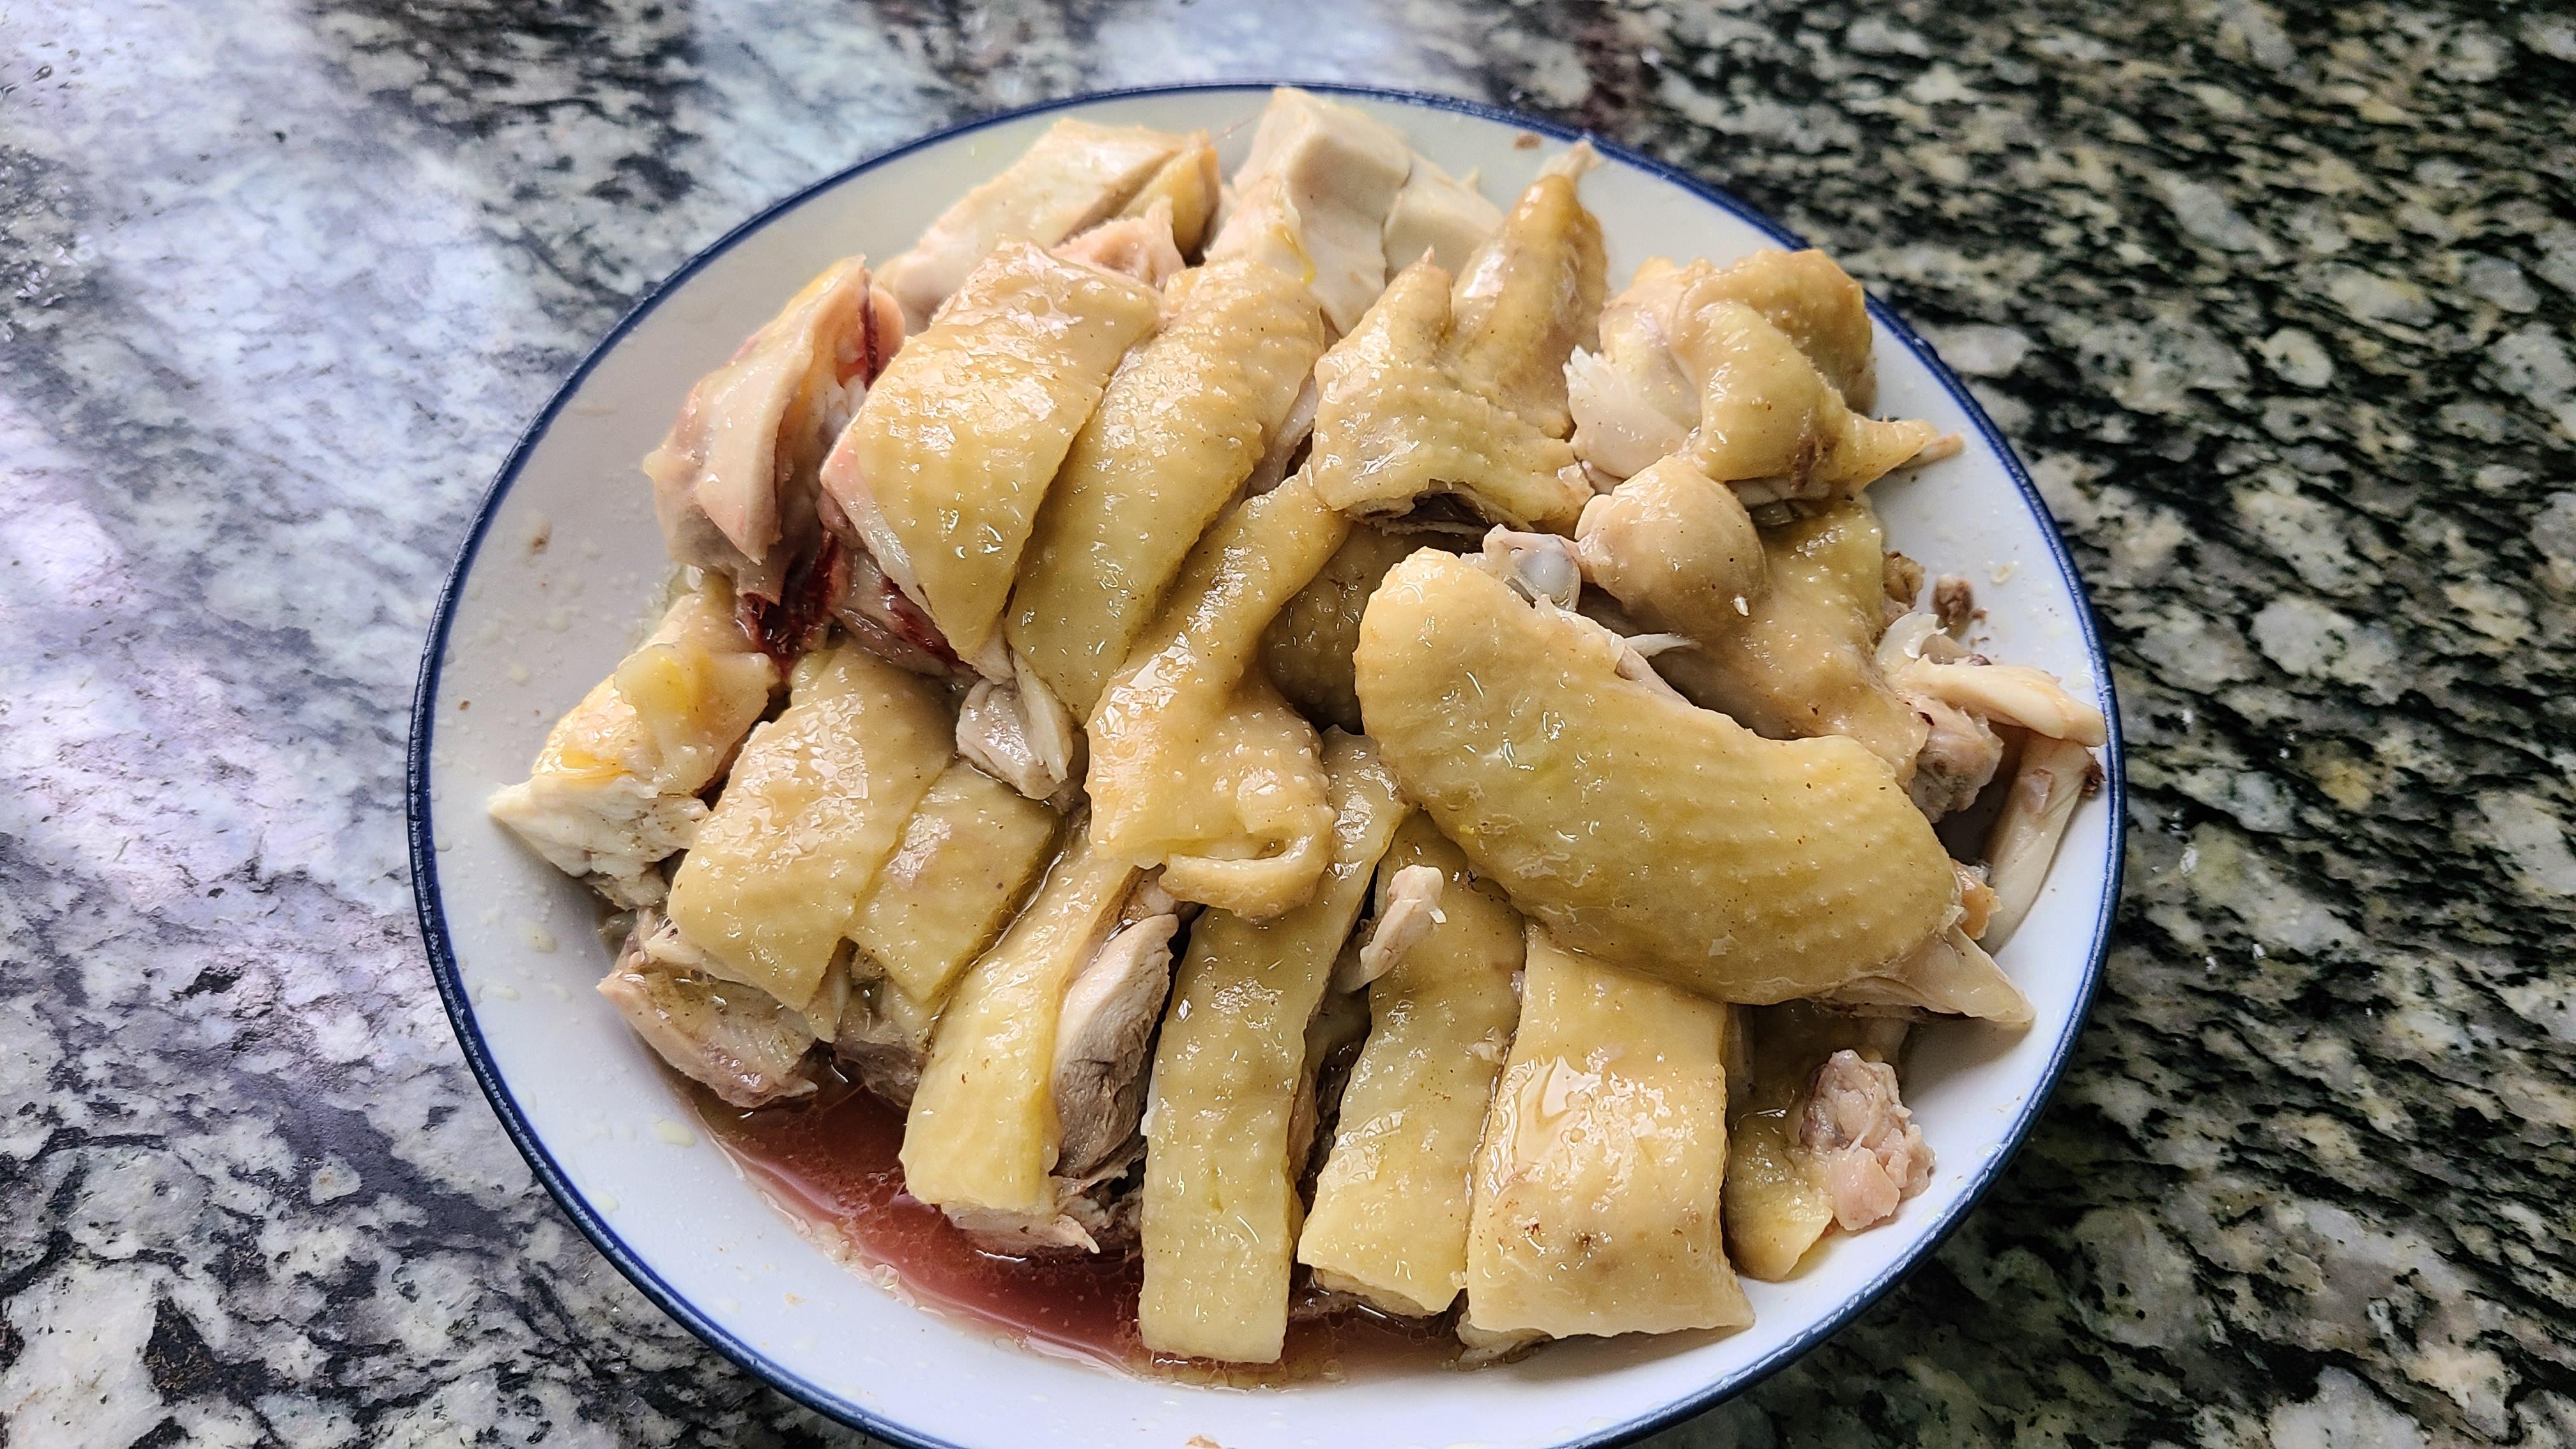 香味鸡的做法,自从学会这道家常菜,我家经常吃,太香了 美食做法 第10张